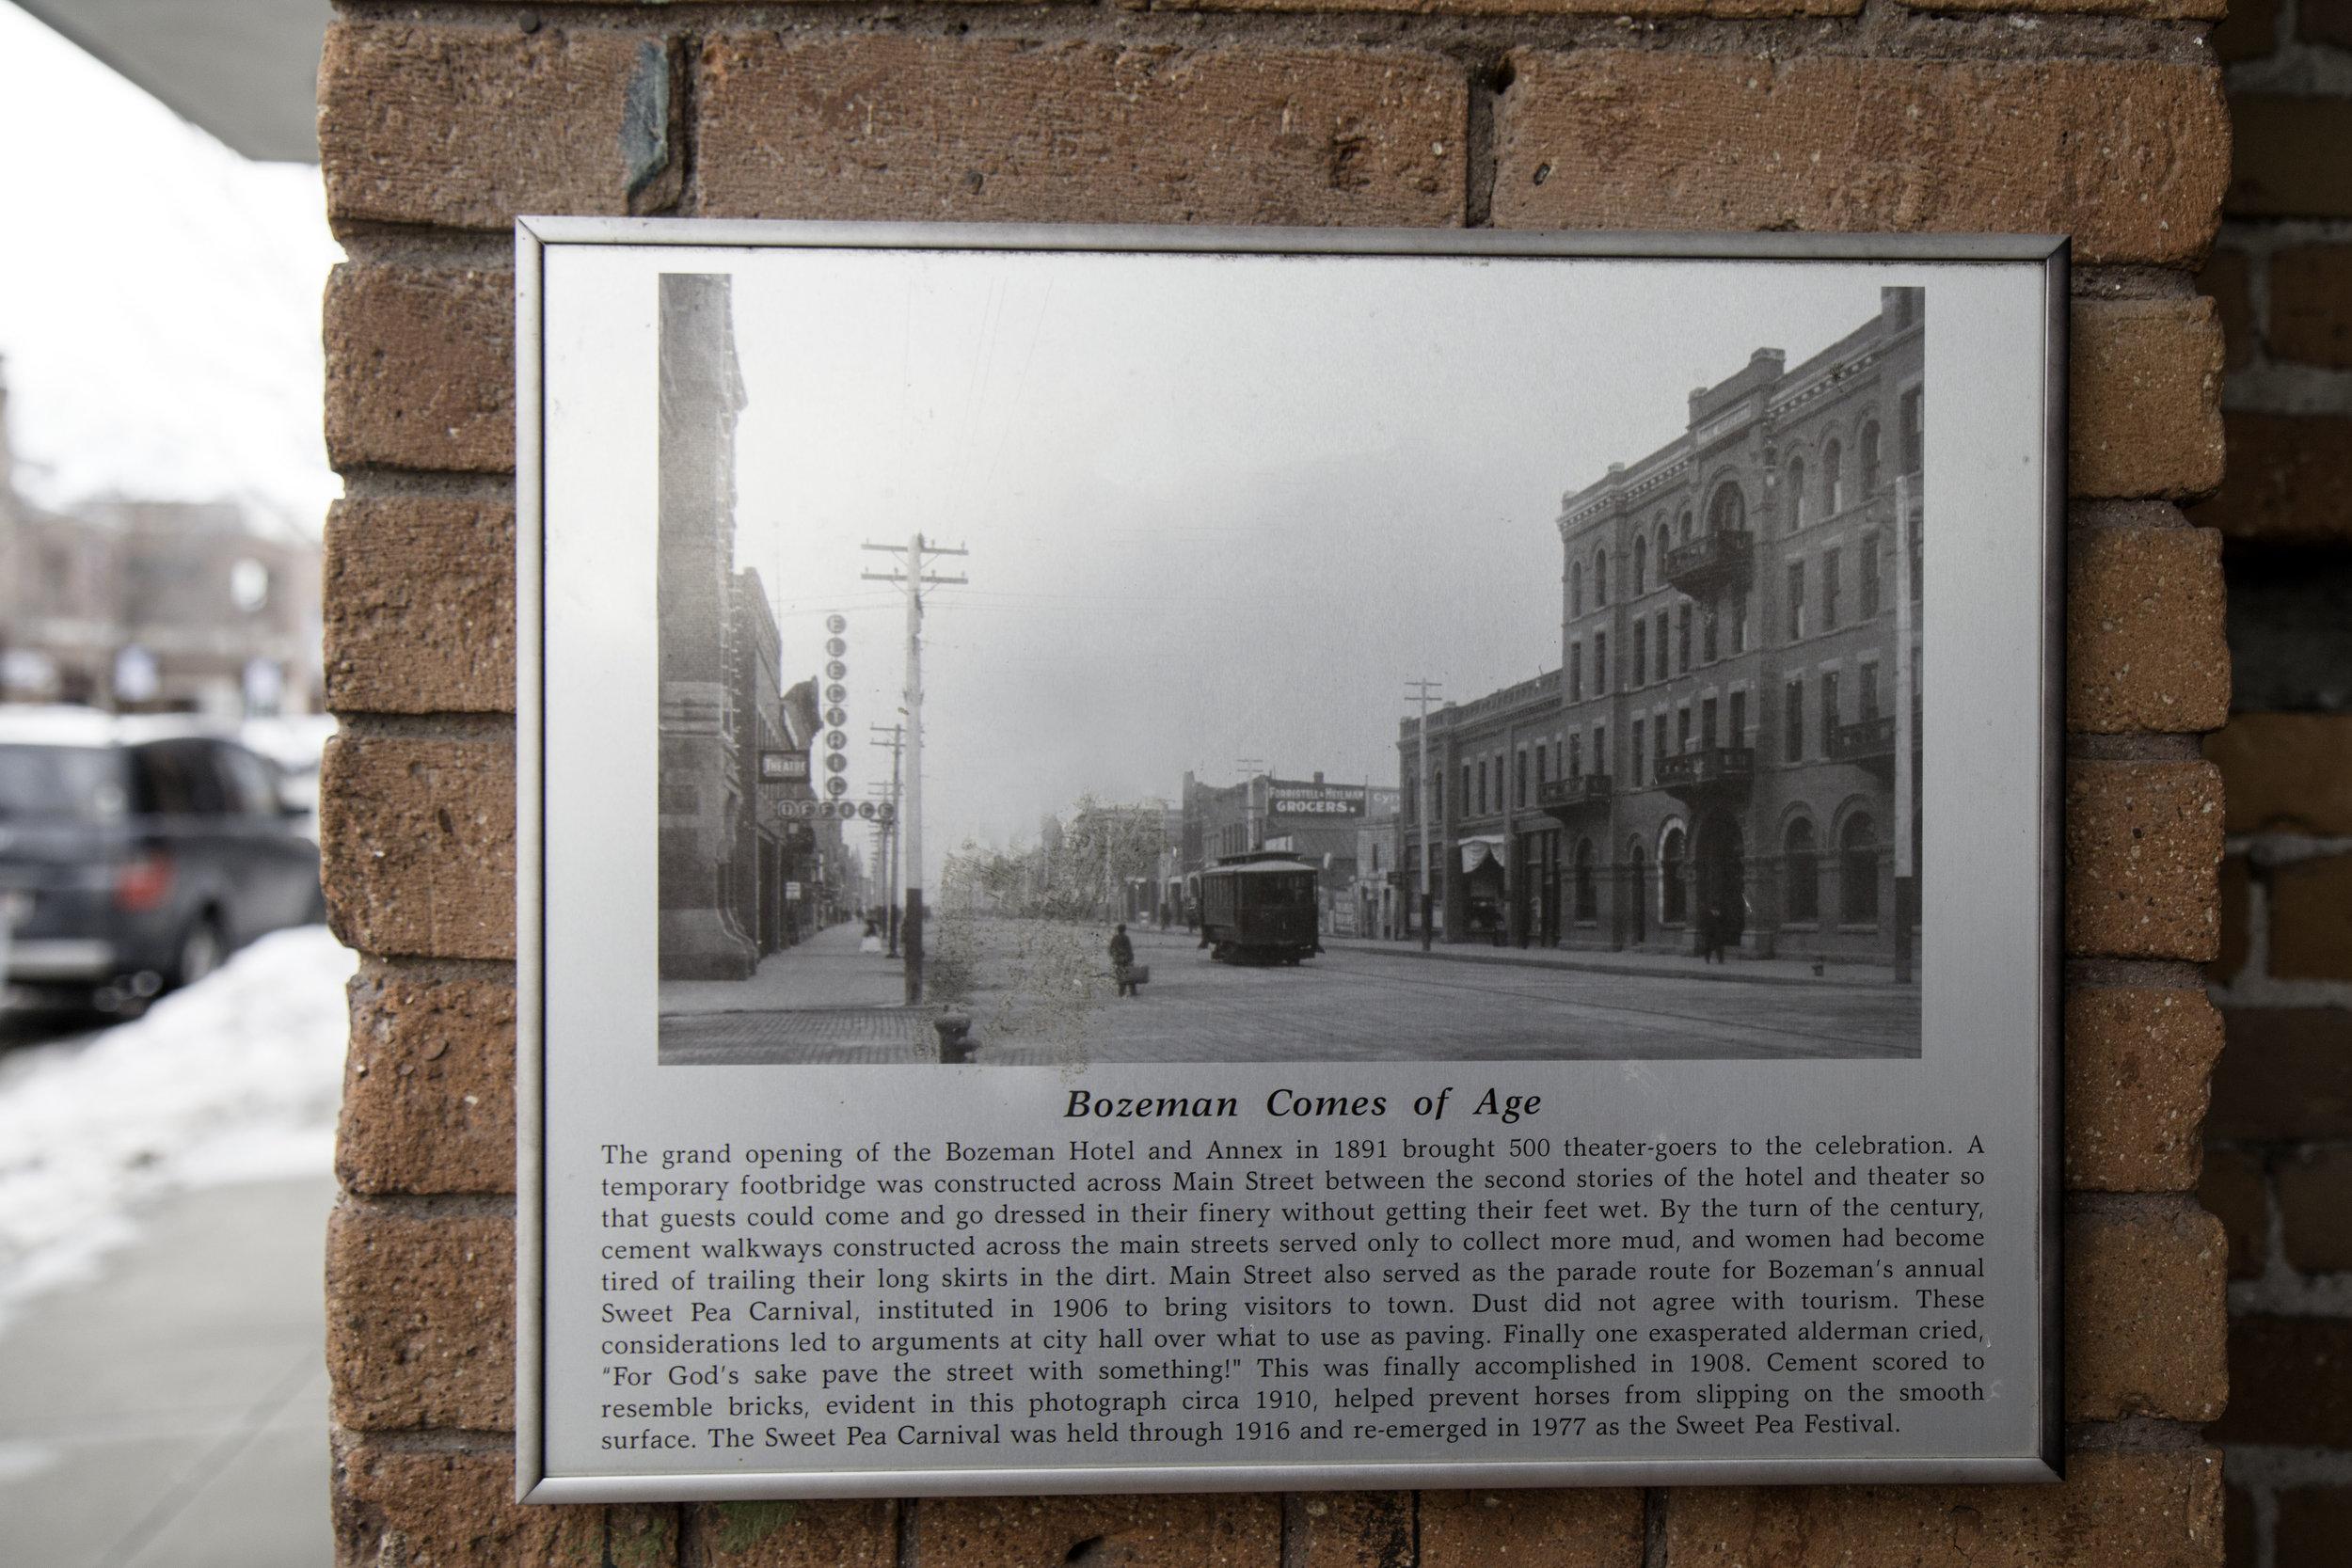 Downtown Bozeman, Montana